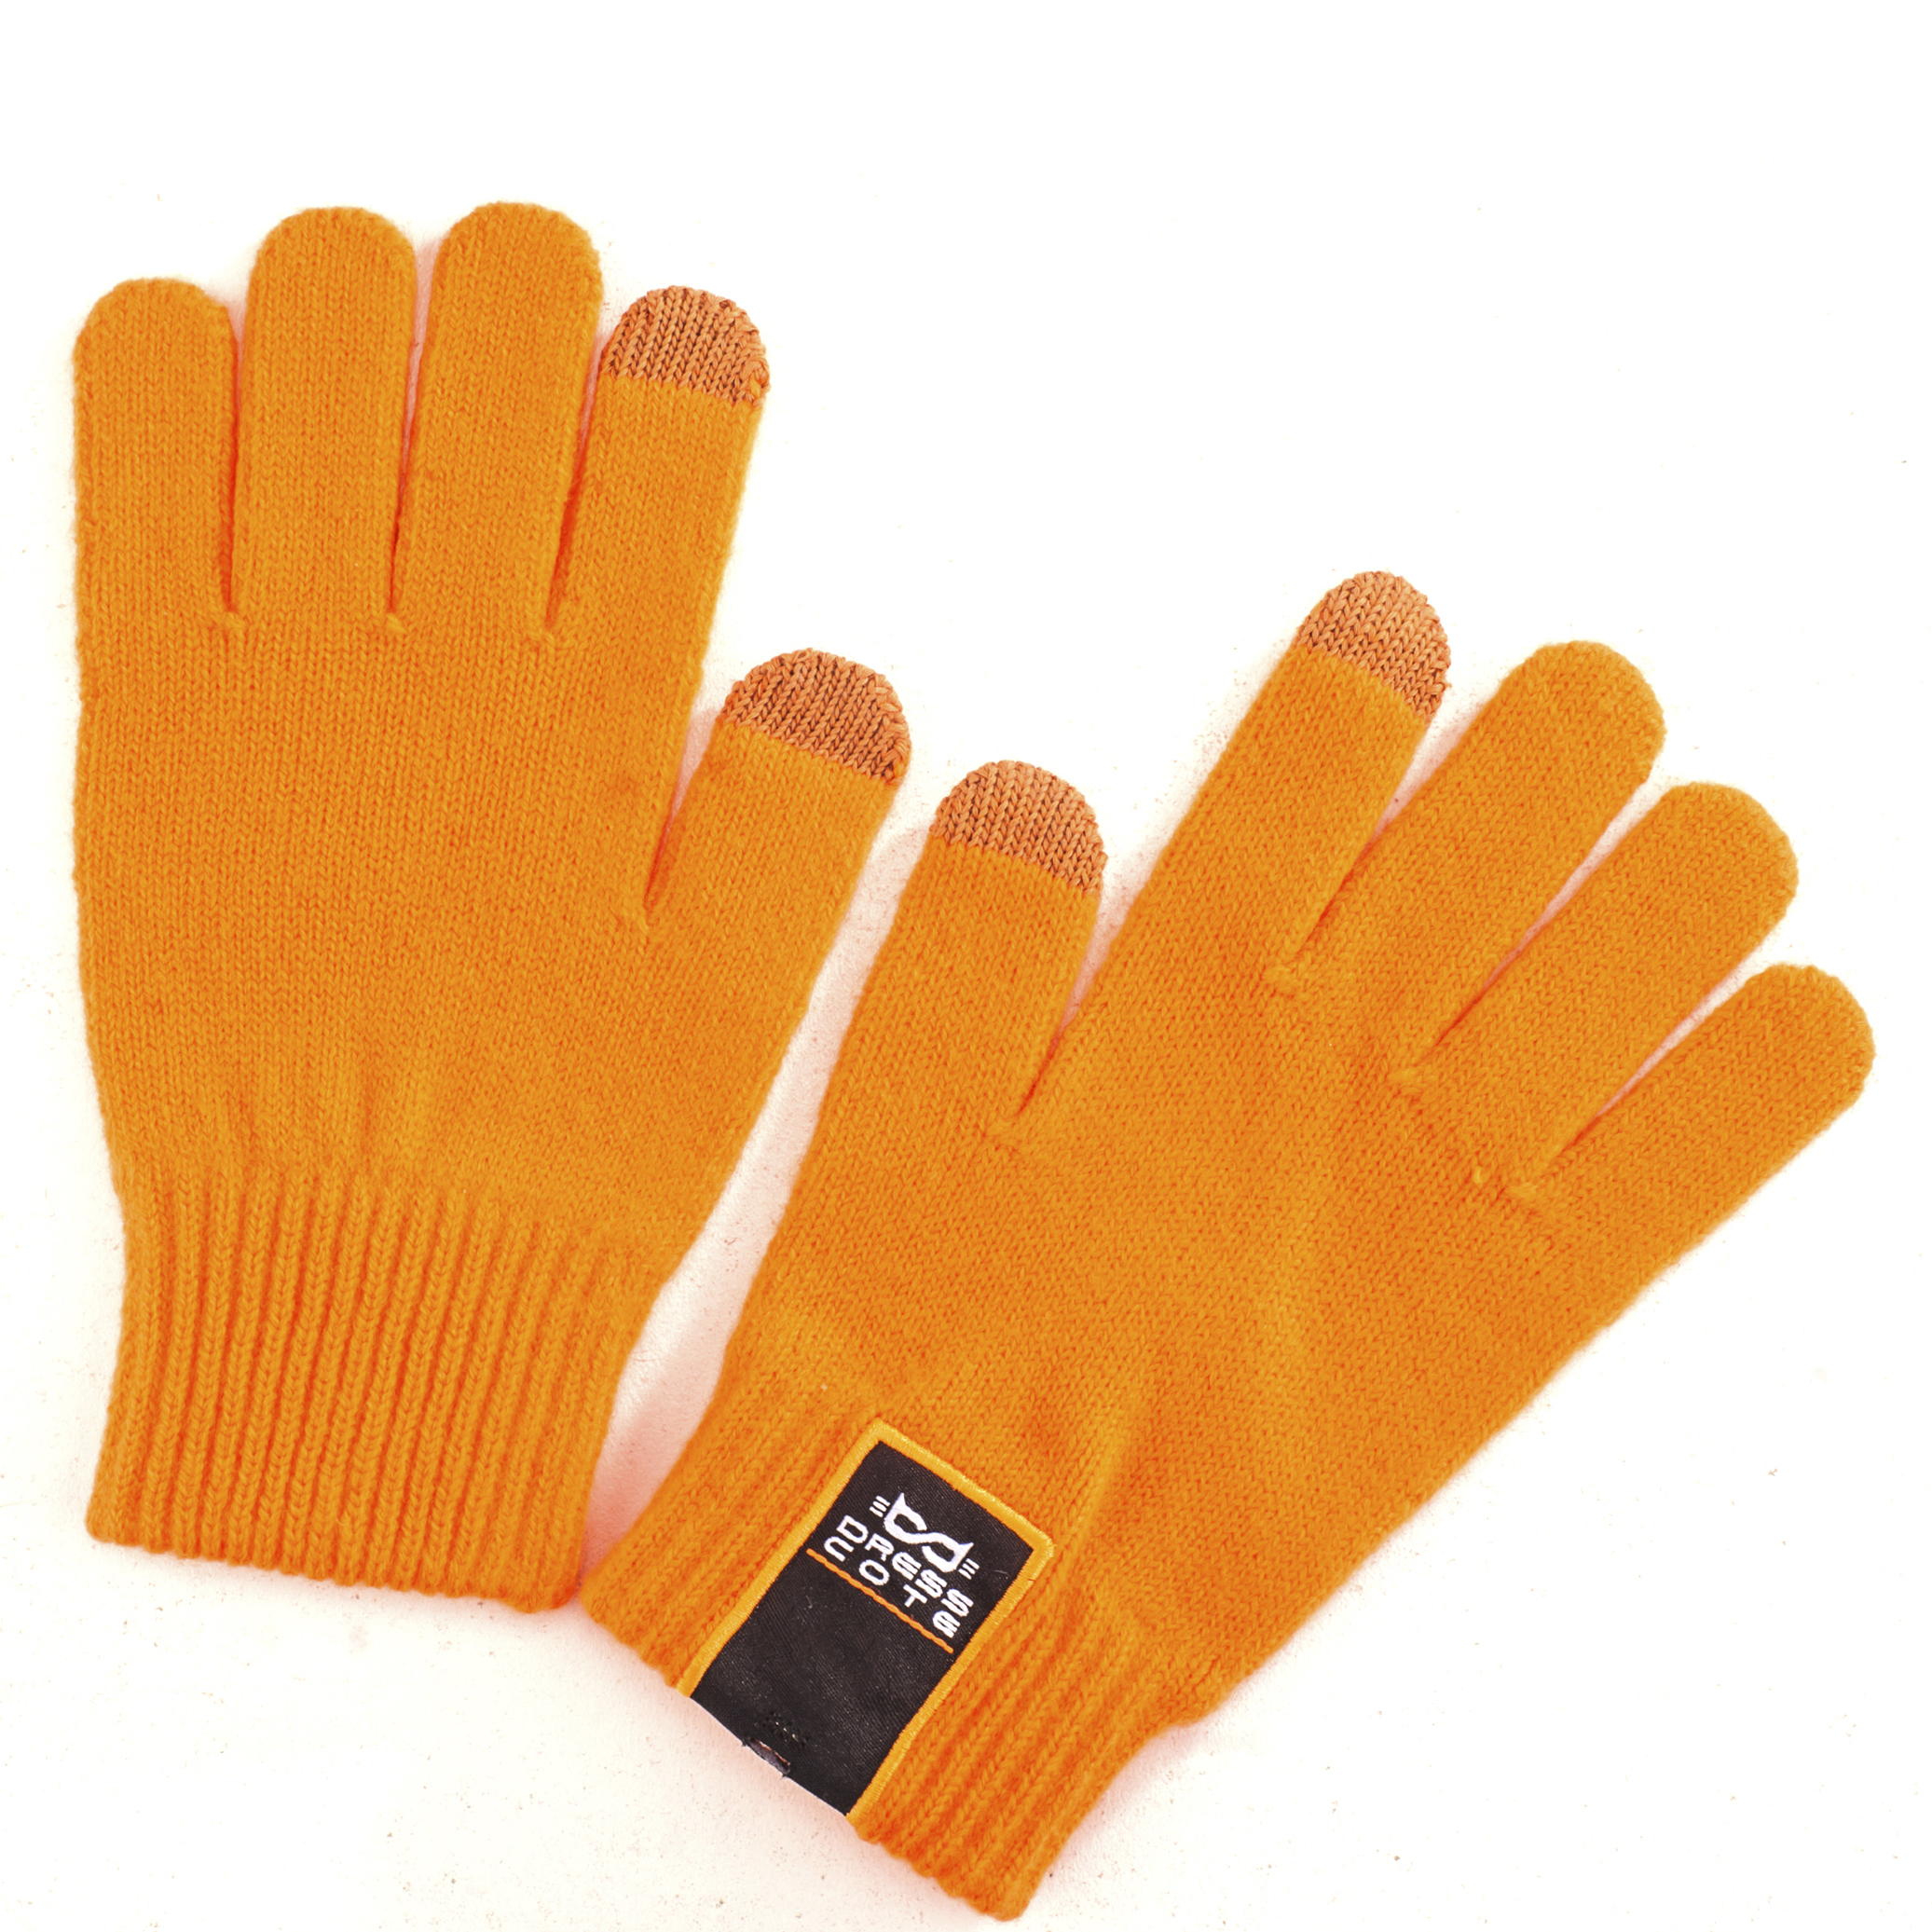 Перчатки Dresscote от 220 Вольт